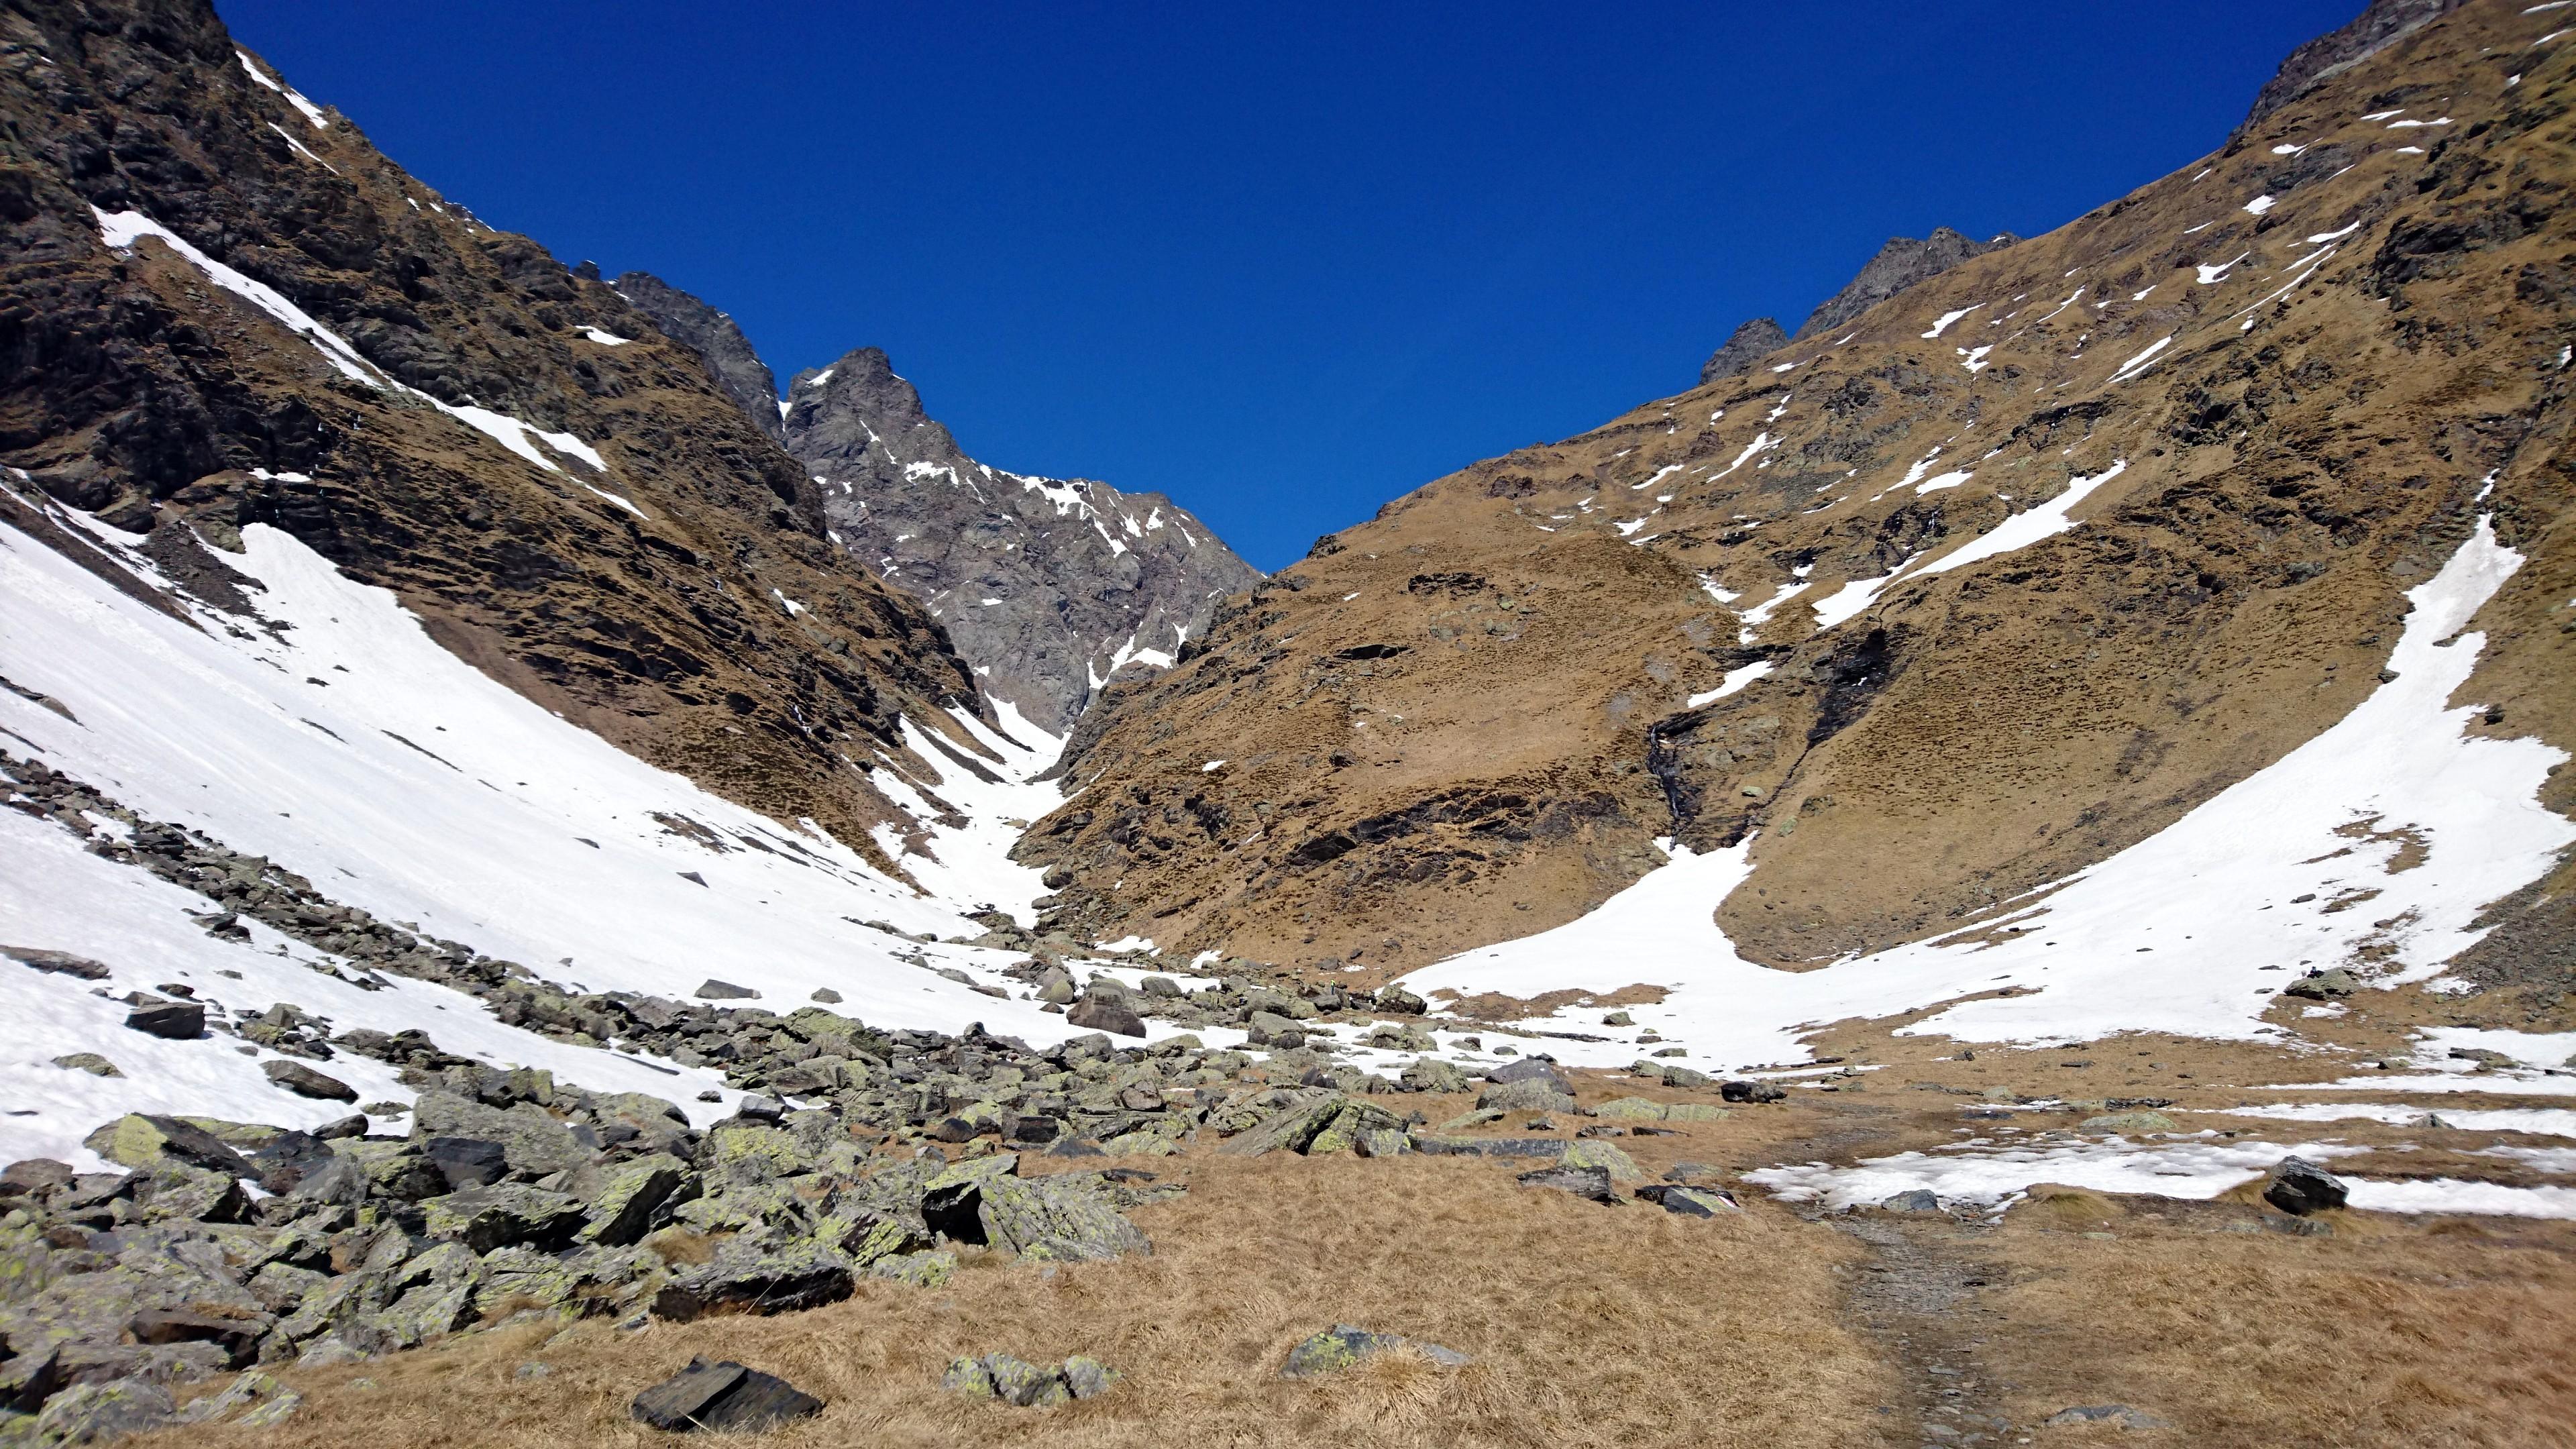 La piana tra il rifugio Coca e la conca dei giganti che si raggiunge dalla lingua di neve in foto